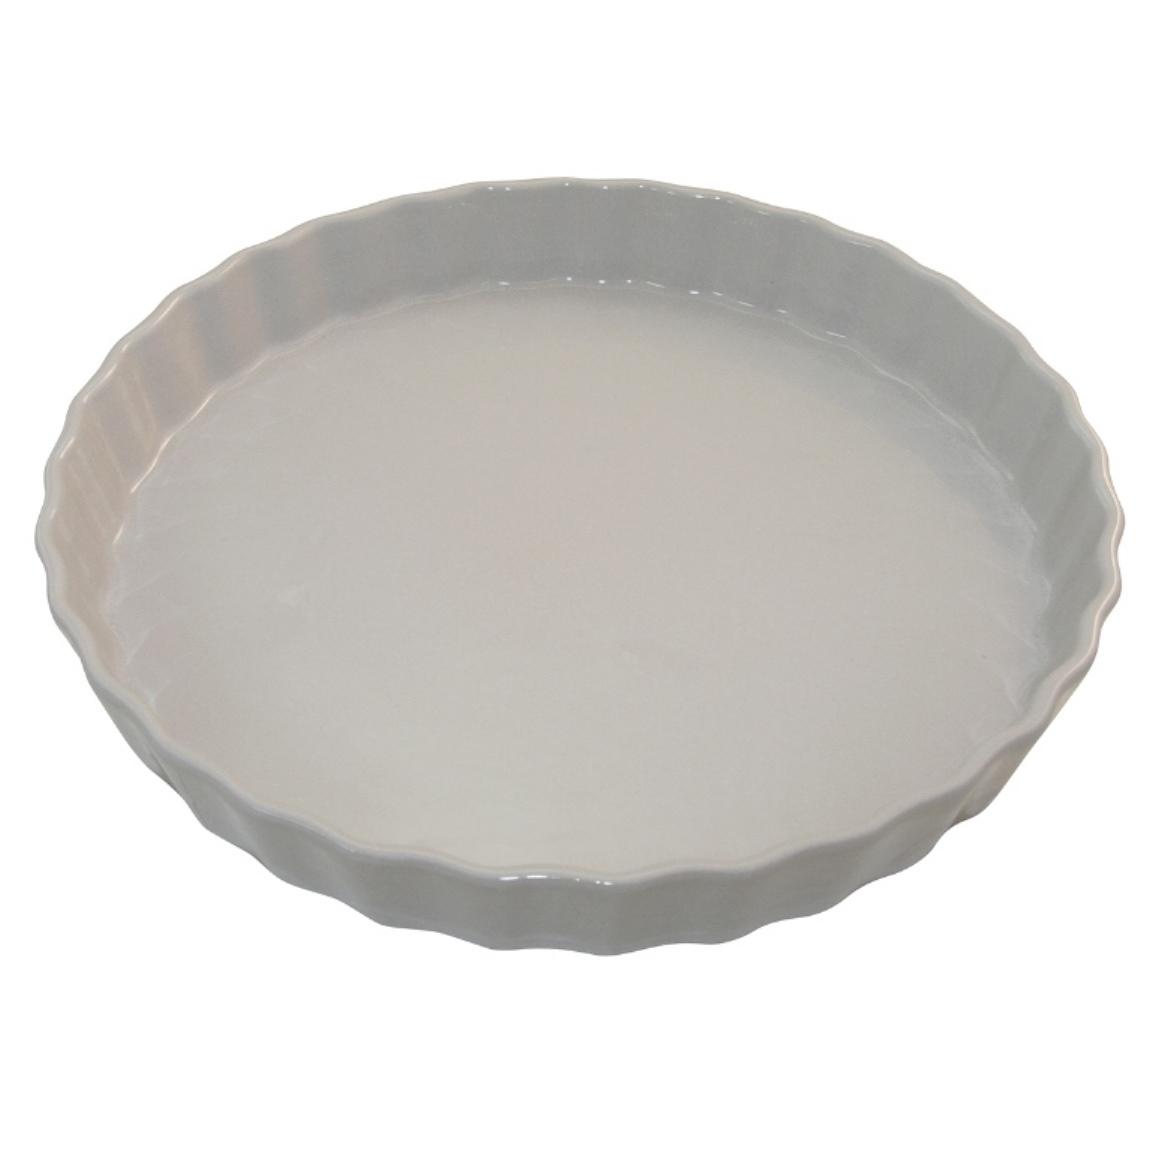 Форма для пирога 30 см Appolia Delices MEDIUM GREY 10530078Формы для запекания (выпечки)<br>Форма для пирога 30 см Appolia Delices MEDIUM GREY 10530078<br><br>Благодаря большому разнообразию изящных форм и широкой цветовой гамме, коллекция DELICES предлагает всевозможные варианты приготовления блюд для себя и гостей. Выбирайте цвета в соответствии с вашими желаниями и вашей кухне. Закругленные углы облегчают чистку. Легко использовать. Большие удобные ручки. Прочная жароустойчивая керамика экологична и изготавливается из высококачественной глины. Прочная глазурь устойчива к растрескиванию и сколам, не содержит свинца и кадмия. Глина обеспечивает медленный и равномерный нагрев, деликатное приготовление с сохранением всех питательных веществ и витаминов, а та же долго сохраняет тепло, что удобно при сервировке горячих блюд.<br>